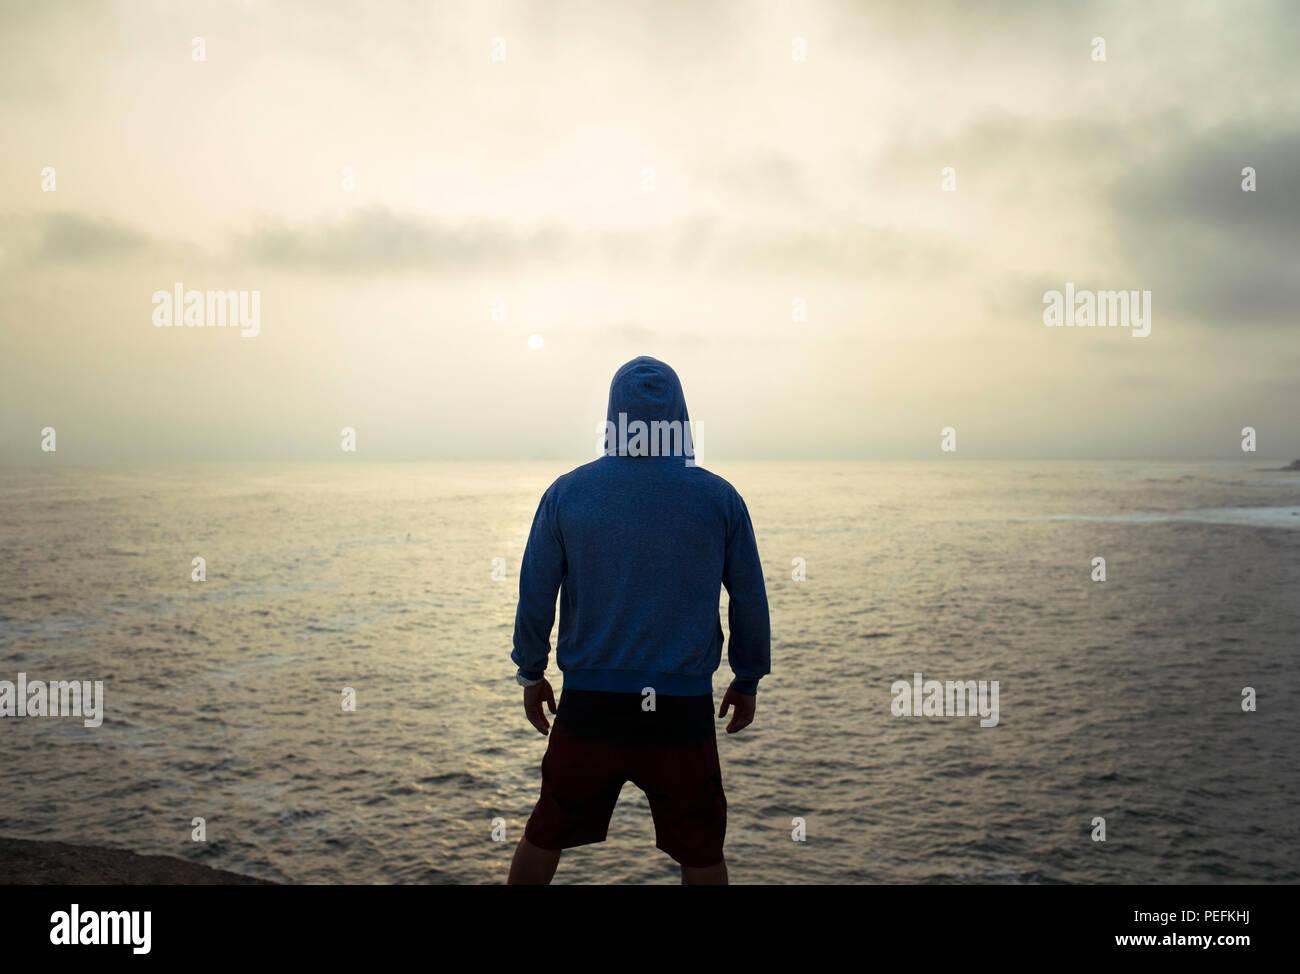 Silhouette di un uomo in una felpa con cappuccio da dietro a guardare il tramonto dorato oltre oceano. Punta Hermosa surfisti (città), Provincia di Lima, Perù. Lug 2018 Immagini Stock